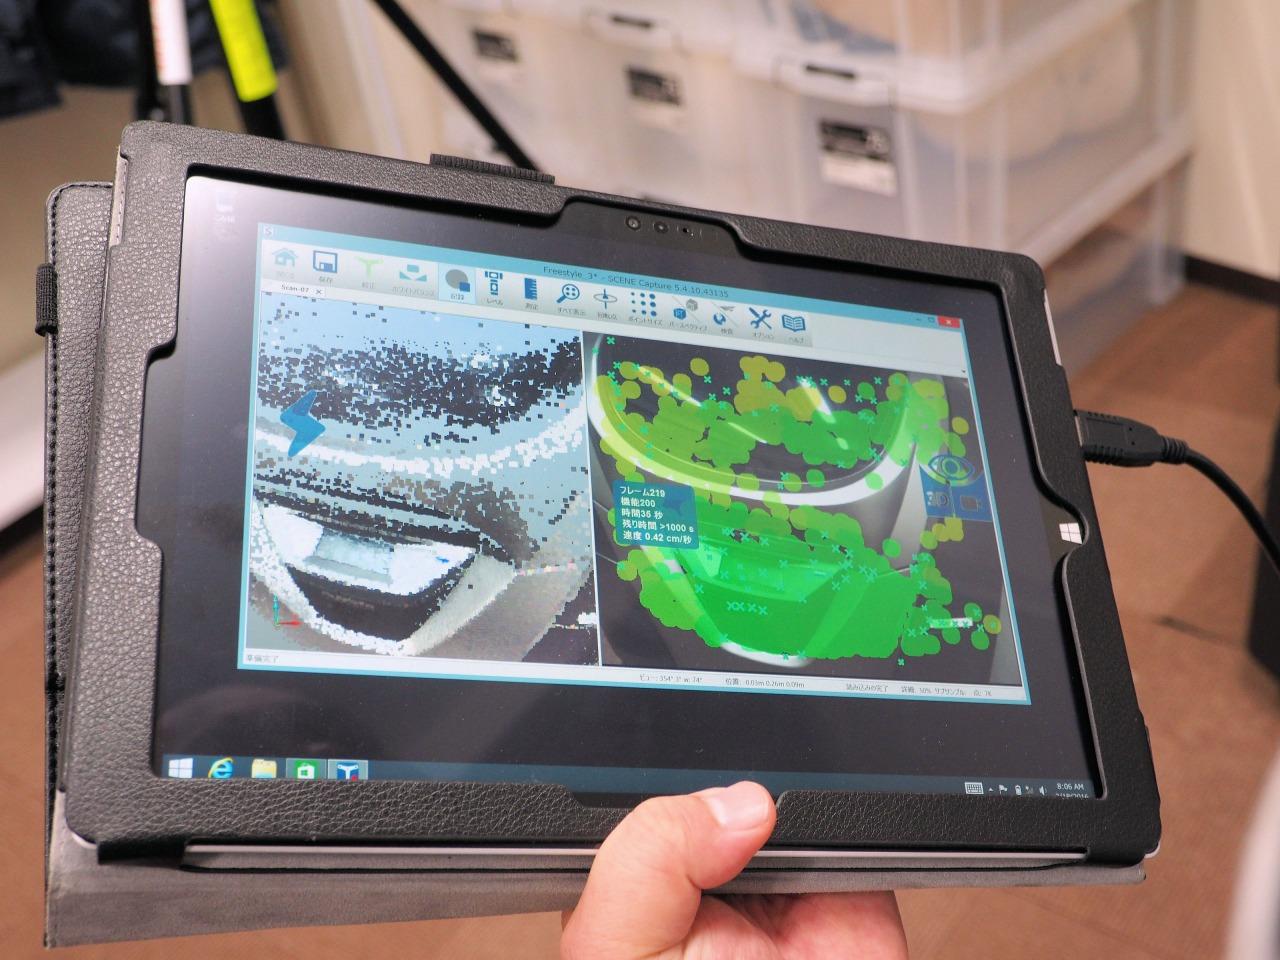 手にしたタブレットパソコンにリアルタイムに表示される点群データ(左)と計測済みの部分を表す緑色のマーク(右)